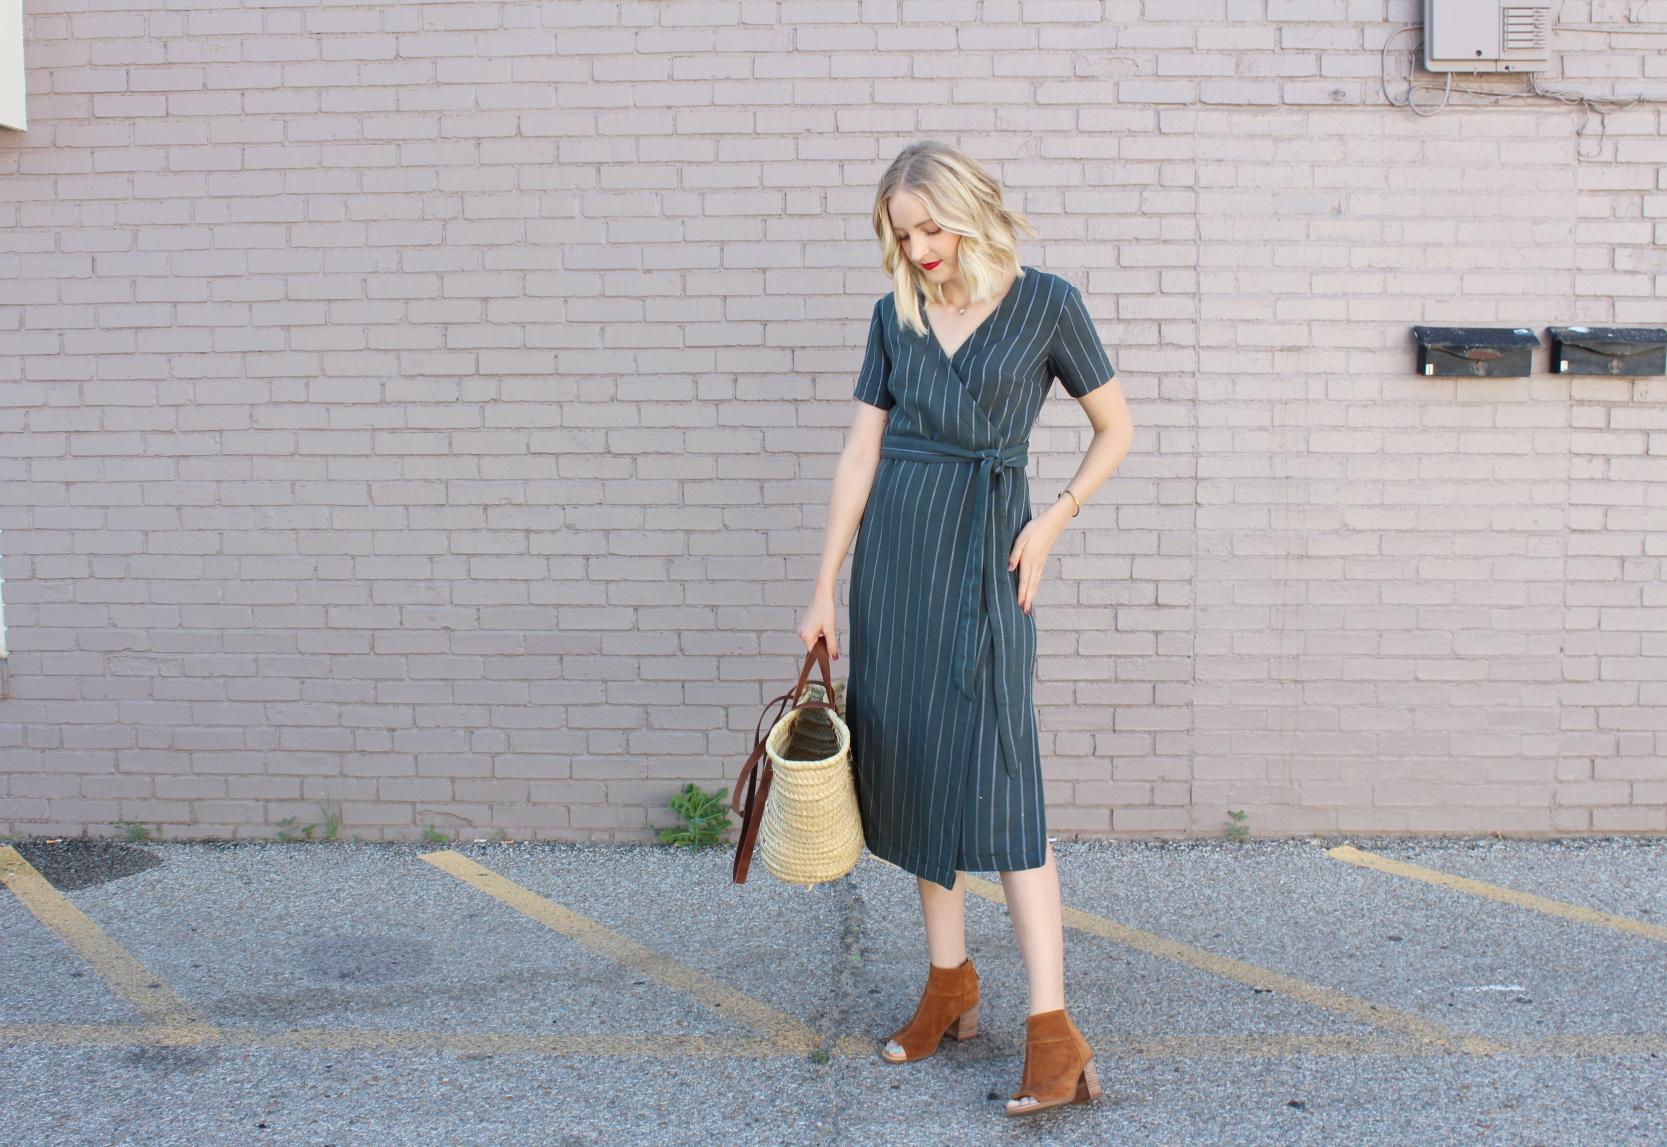 highlands_wrap_dress_well_fibre_8